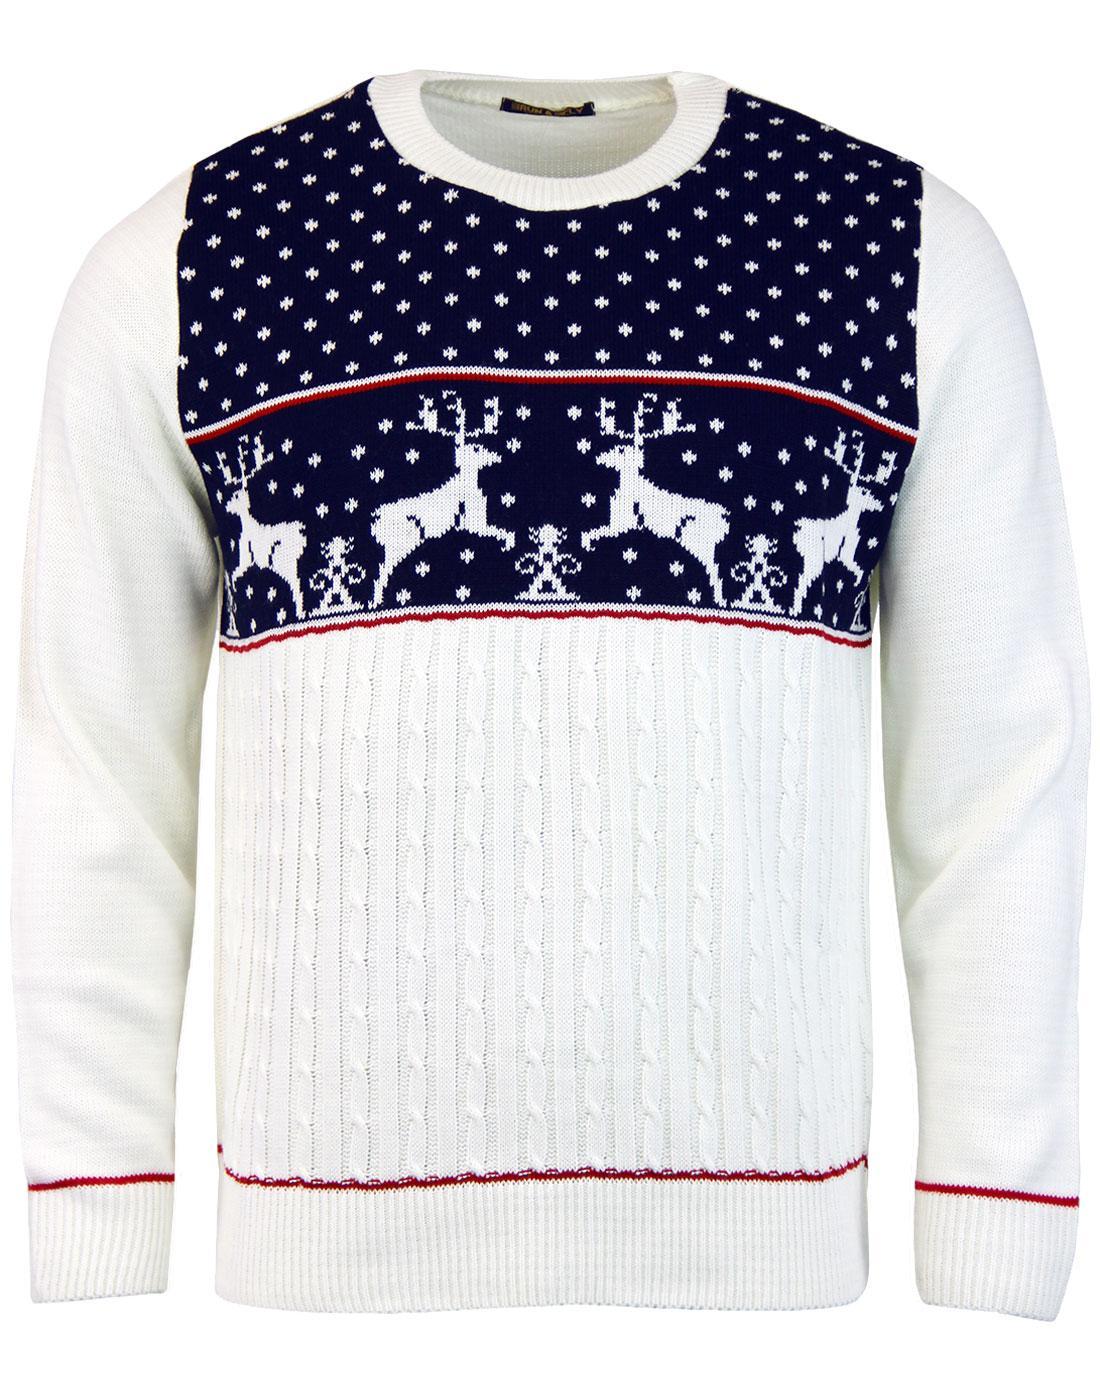 Looks like Reindeer Retro Indie Christmas Jumper N